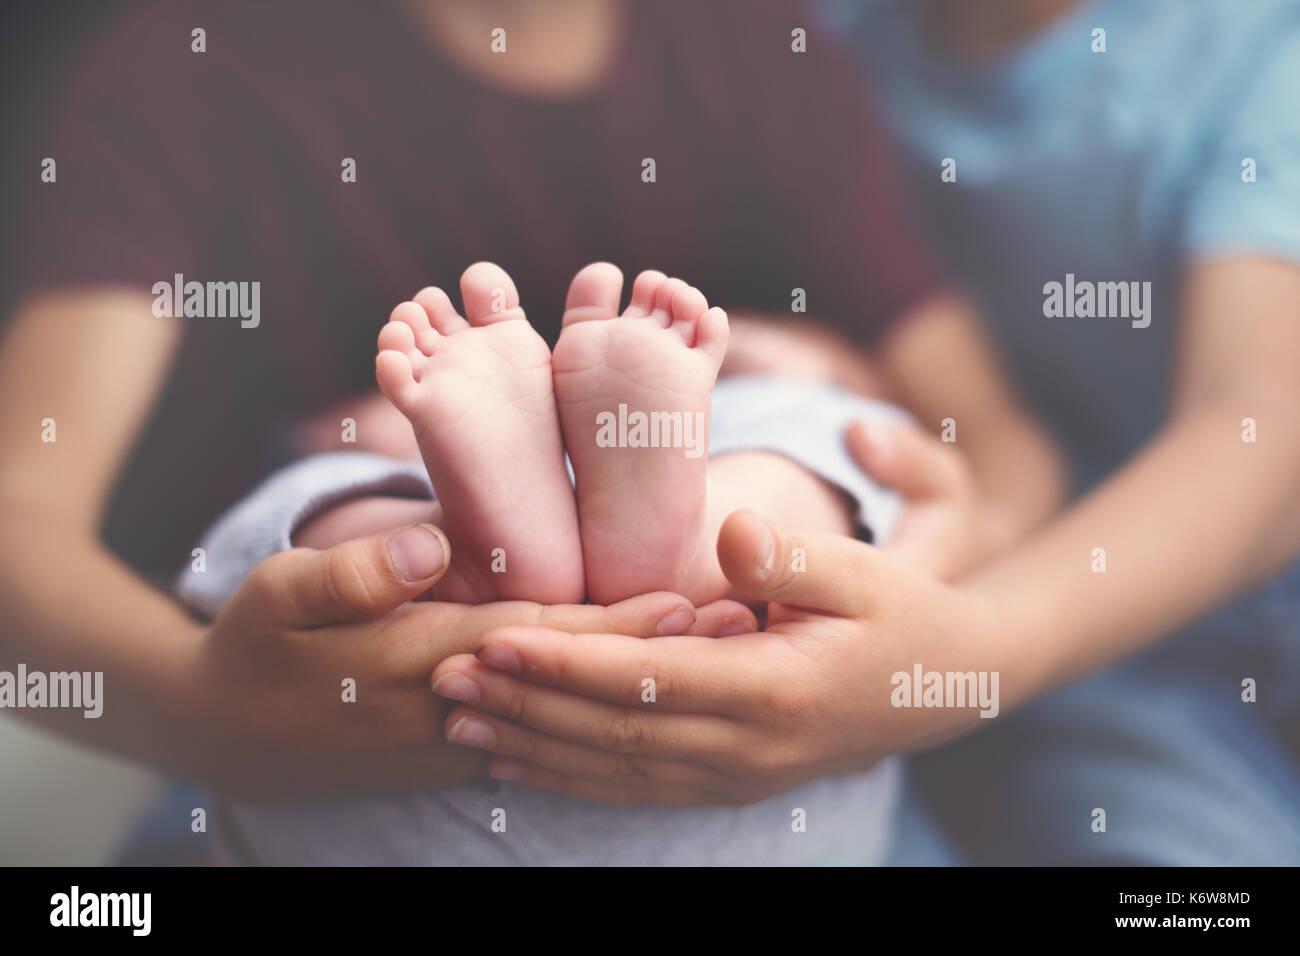 Petit bébé pieds dans les mains des frères, deux enfants tenant leur bébé dans les mains pieds frères Photo Stock